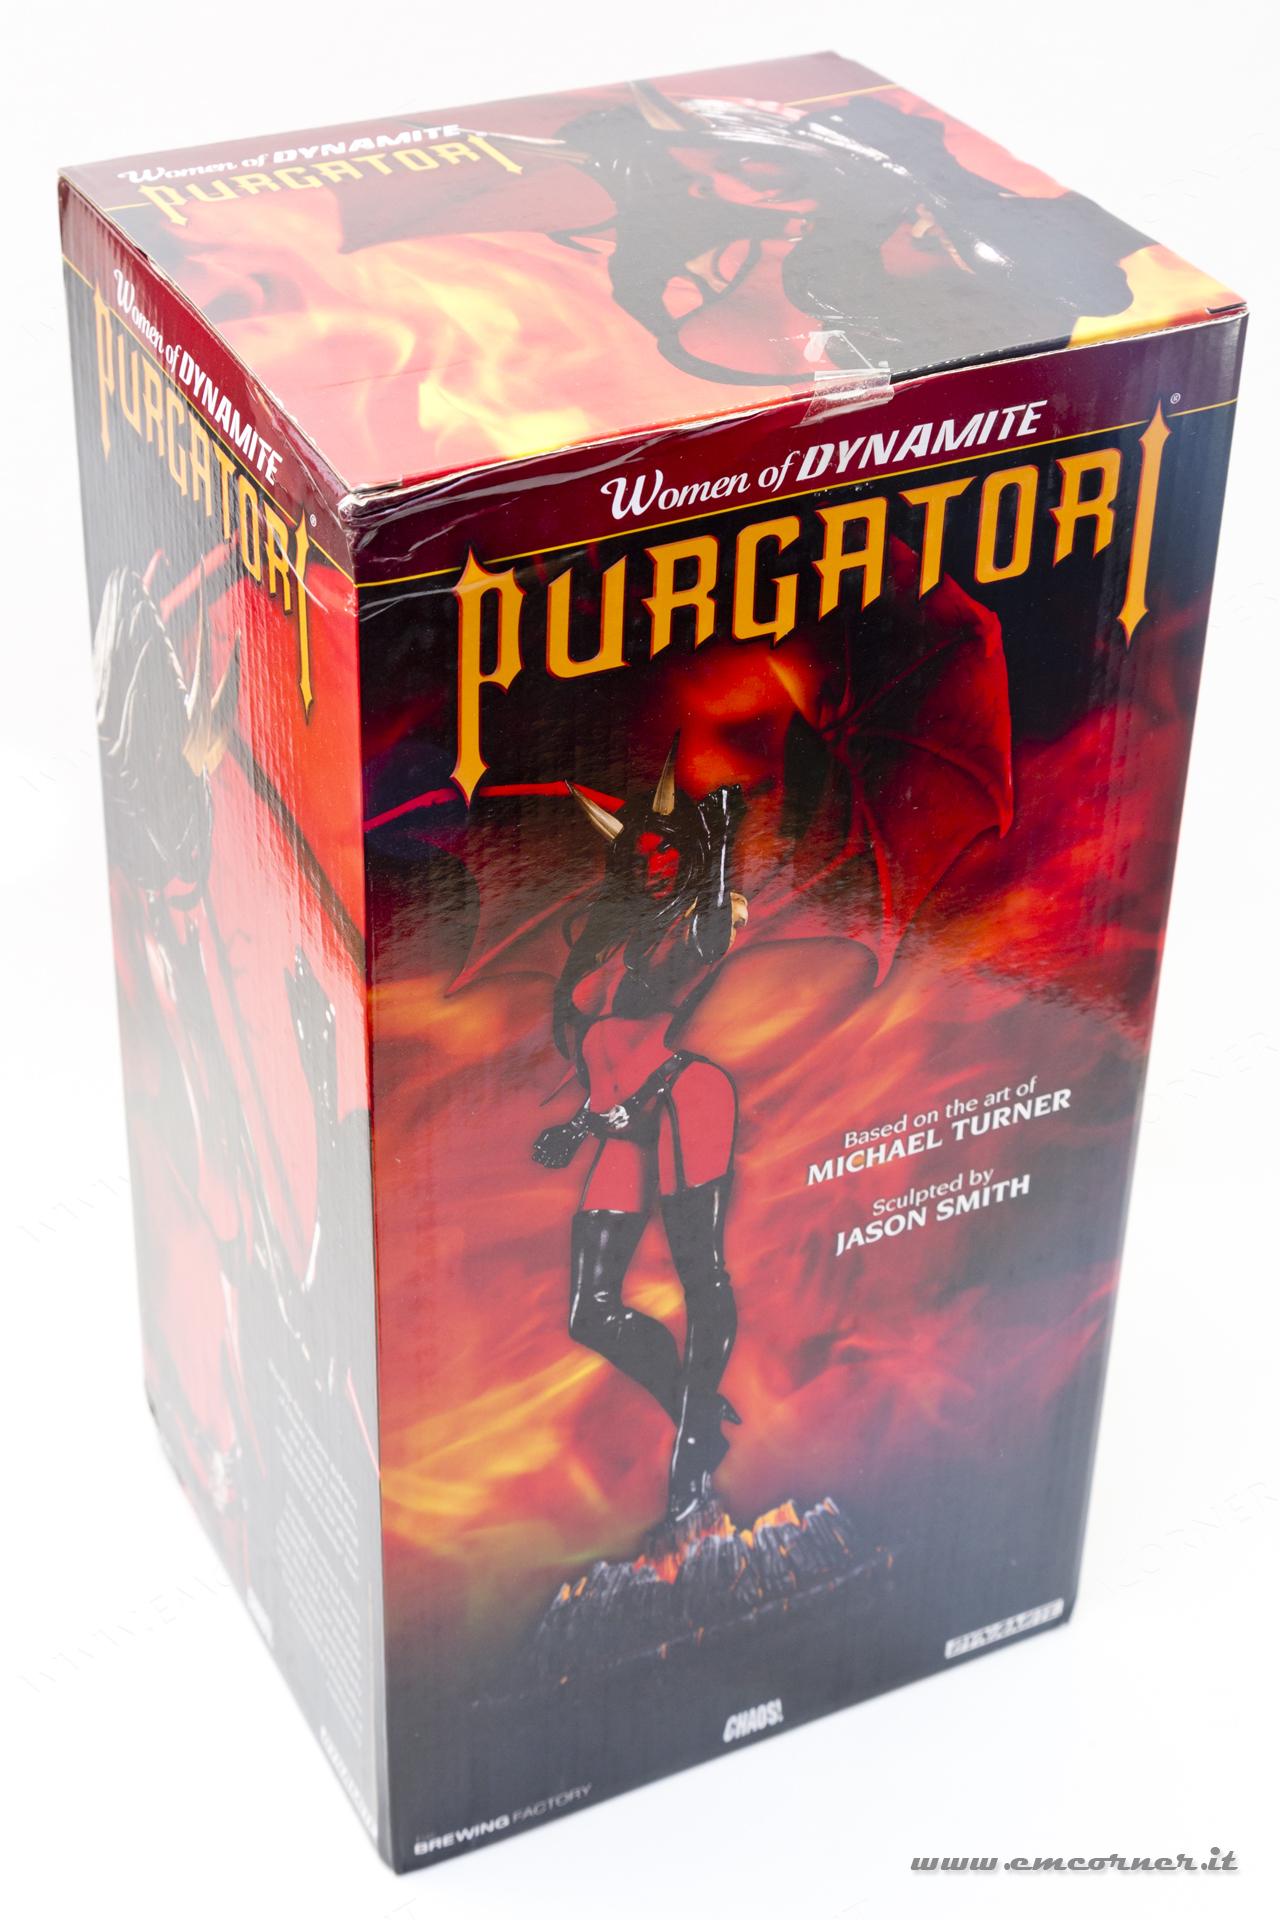 purgatori-dynamite-bw-emcorner-1